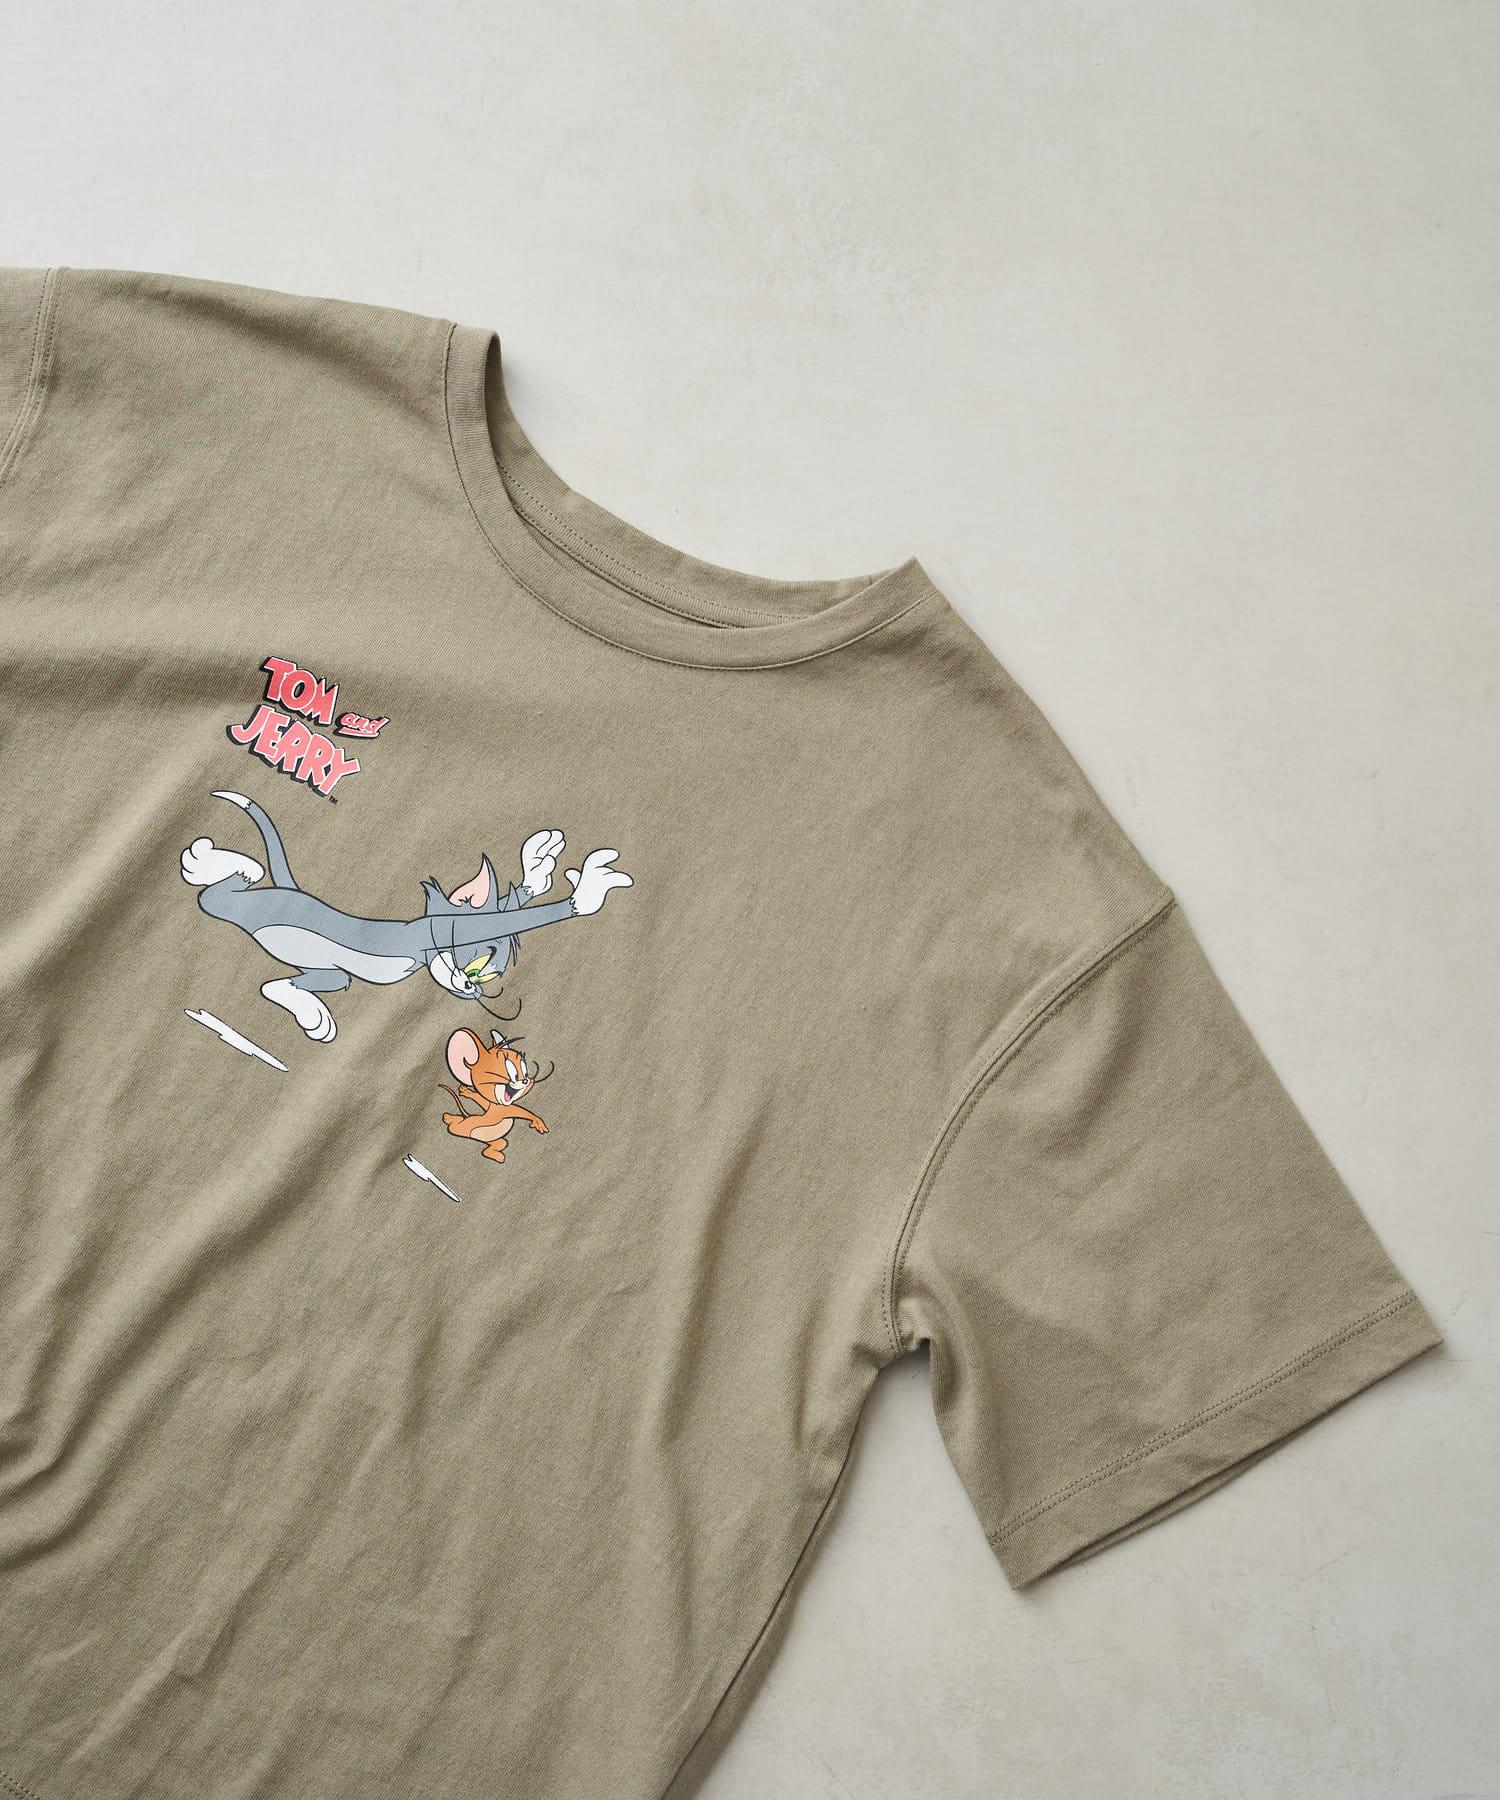 Chez toi(シェトワ) 【WEB限定】トム&ジェリー Tシャツ